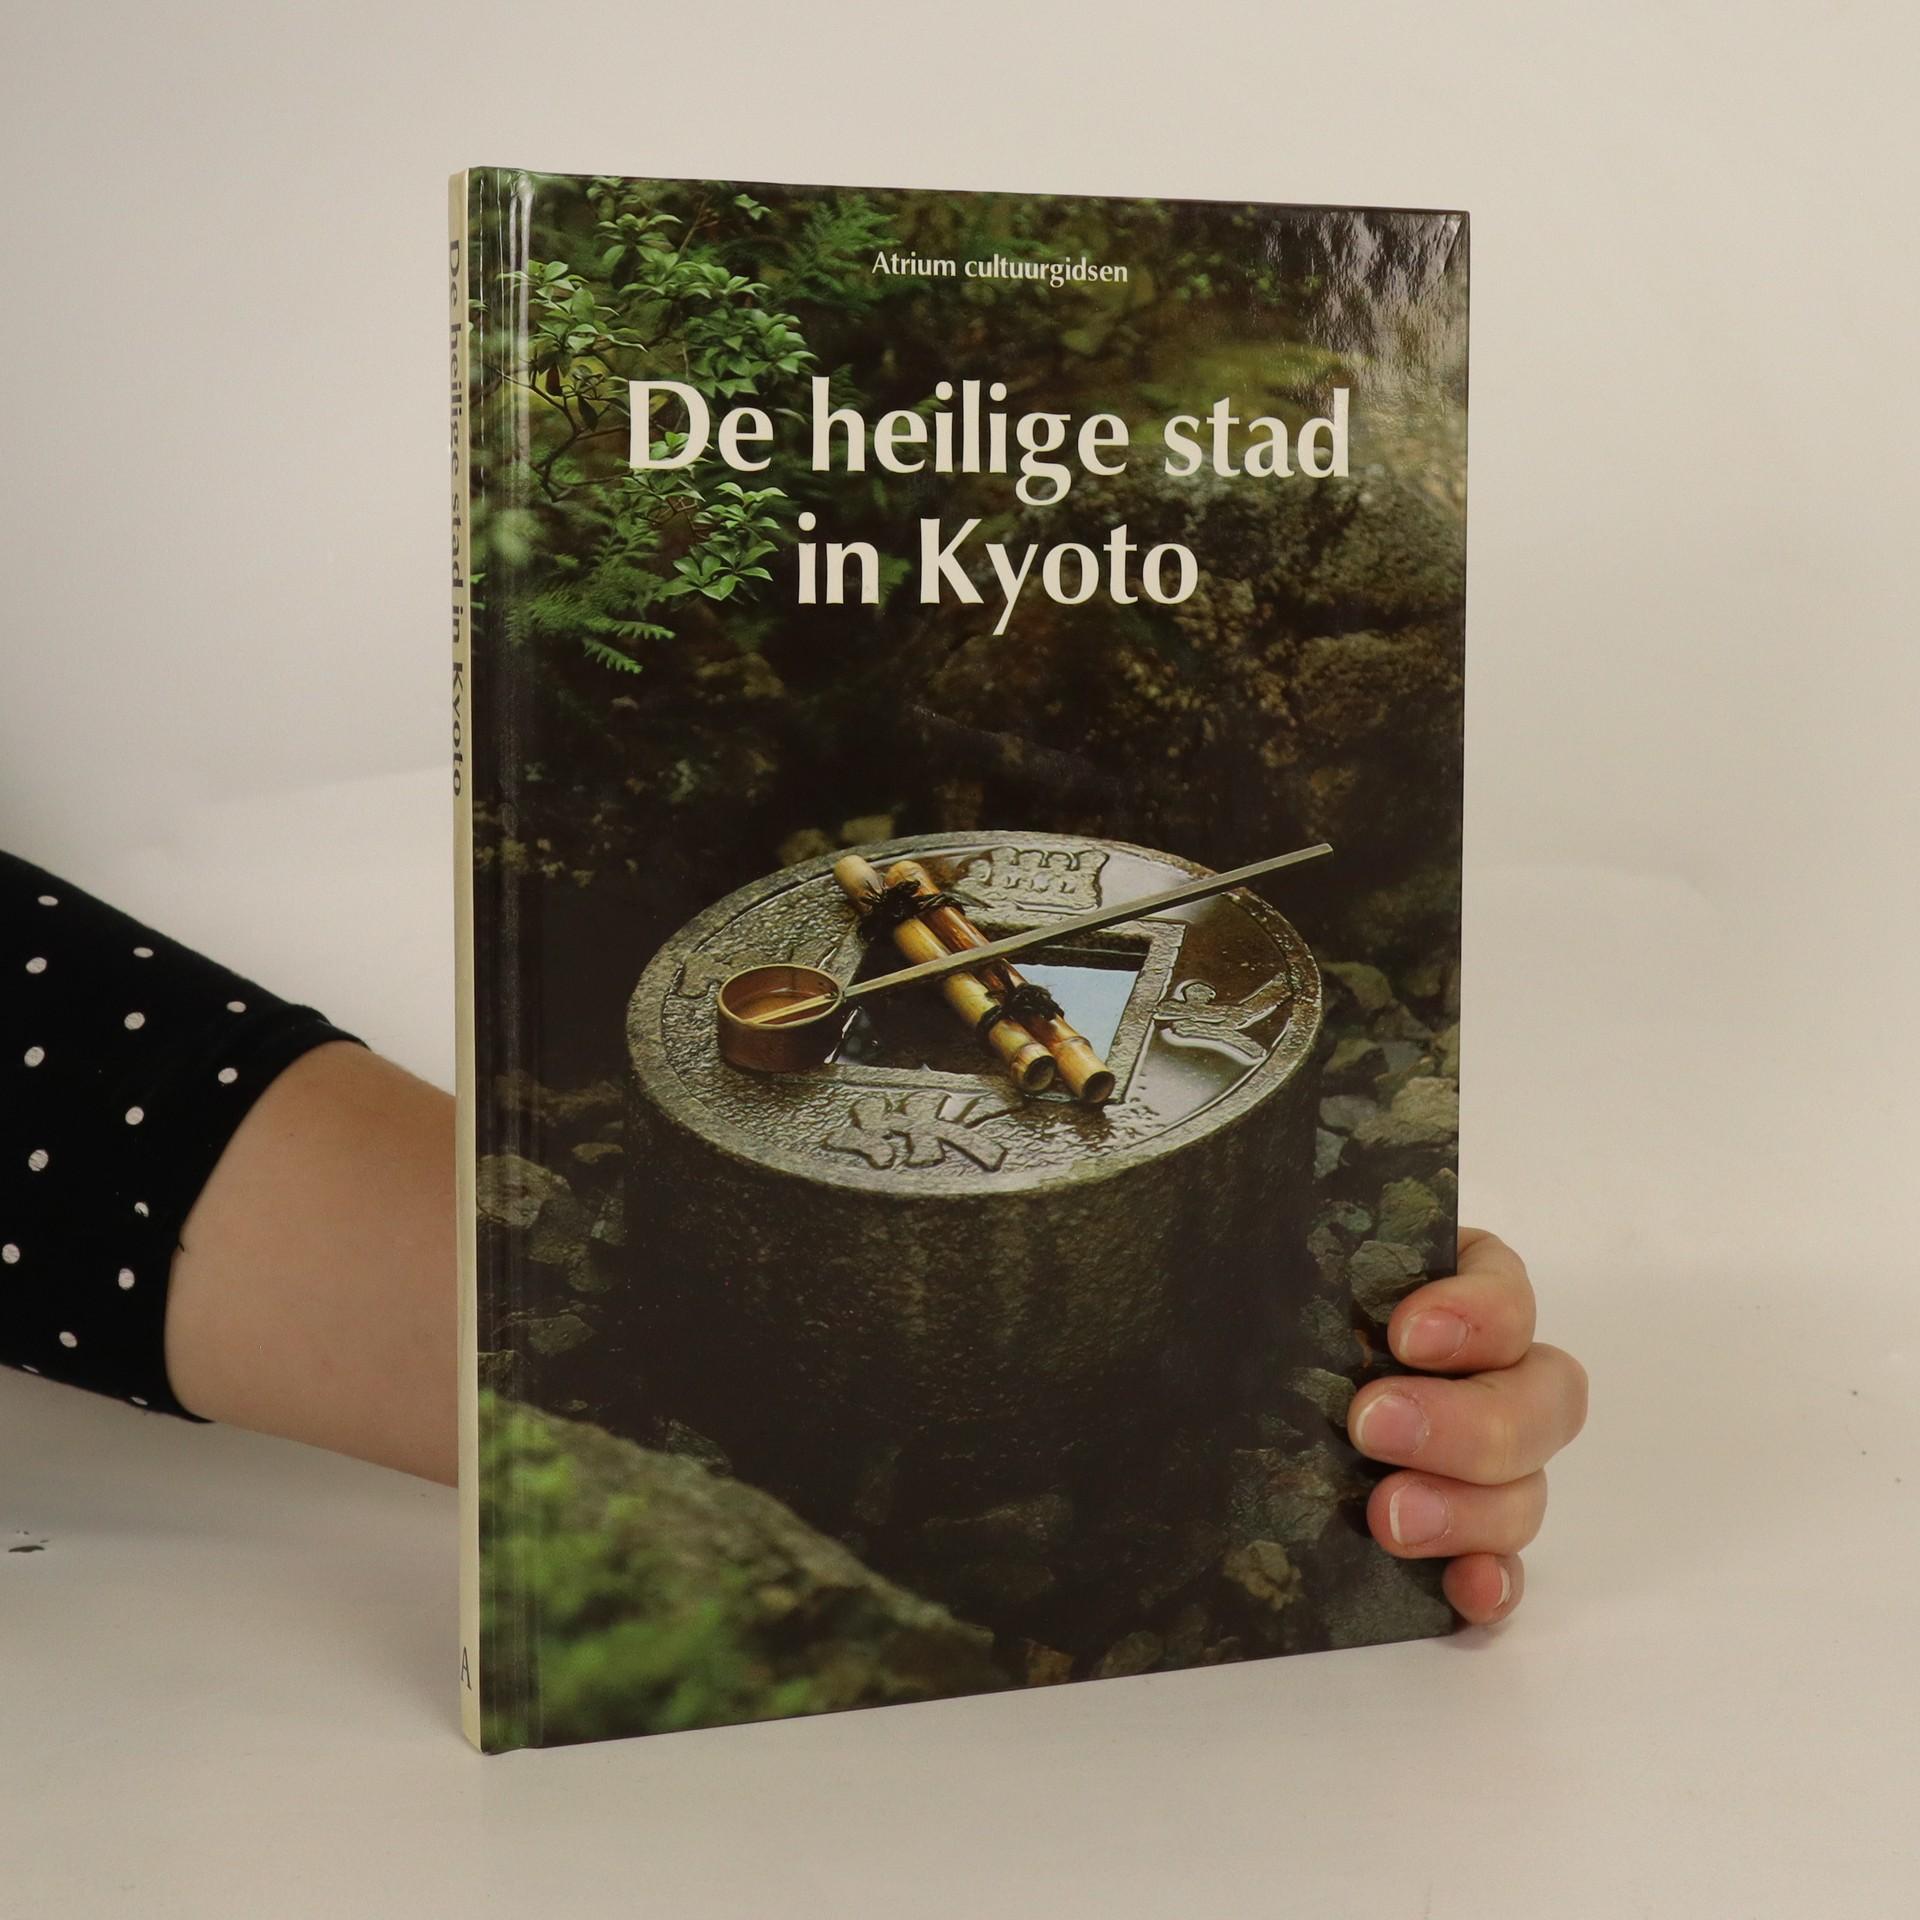 antikvární kniha De heilige stad in Kyoto. (Svaté město v Kjótu), 1989